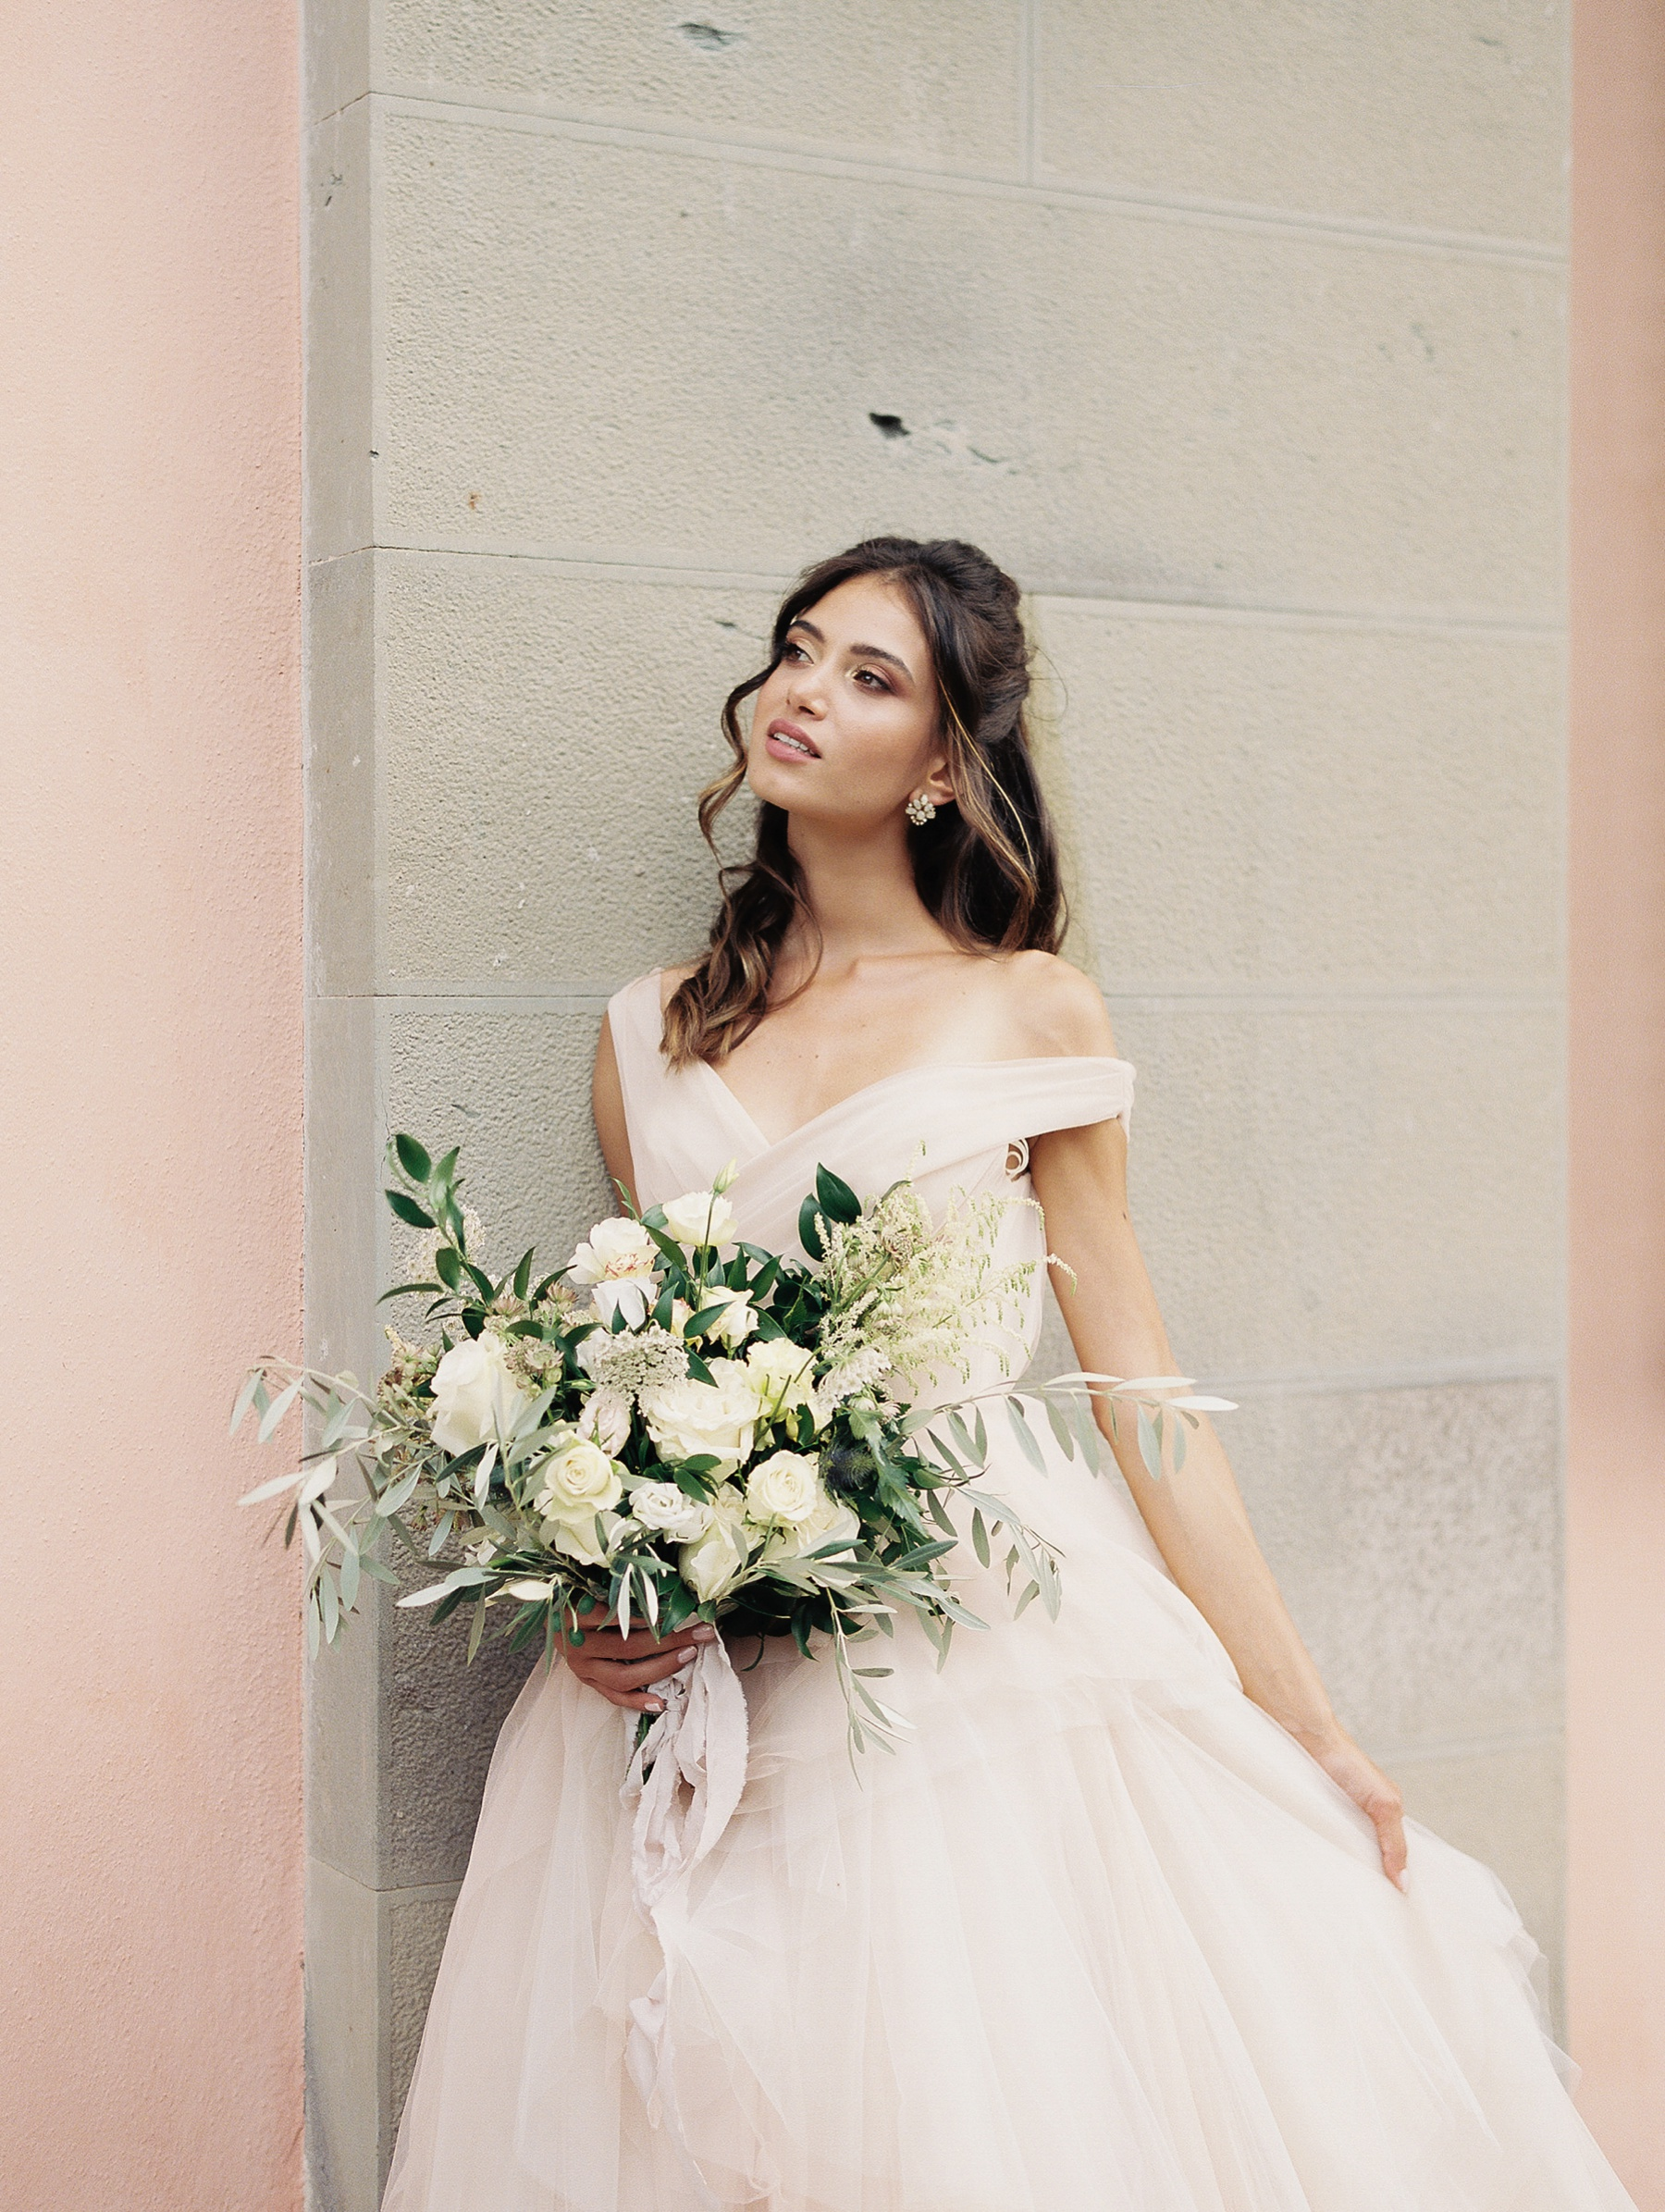 Il Borro Tuscany Italy Wedding Photographer_0793.jpg